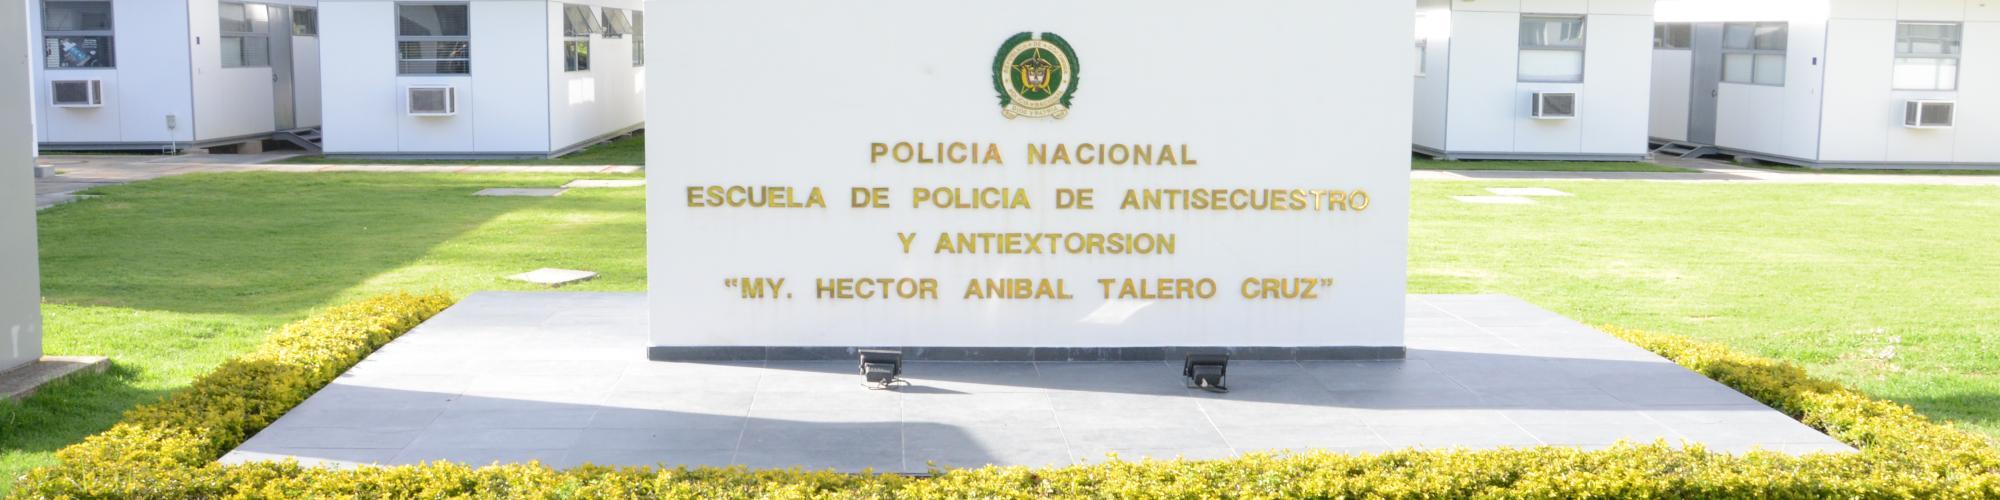 Escuela_de_Policia_Antisecuestro